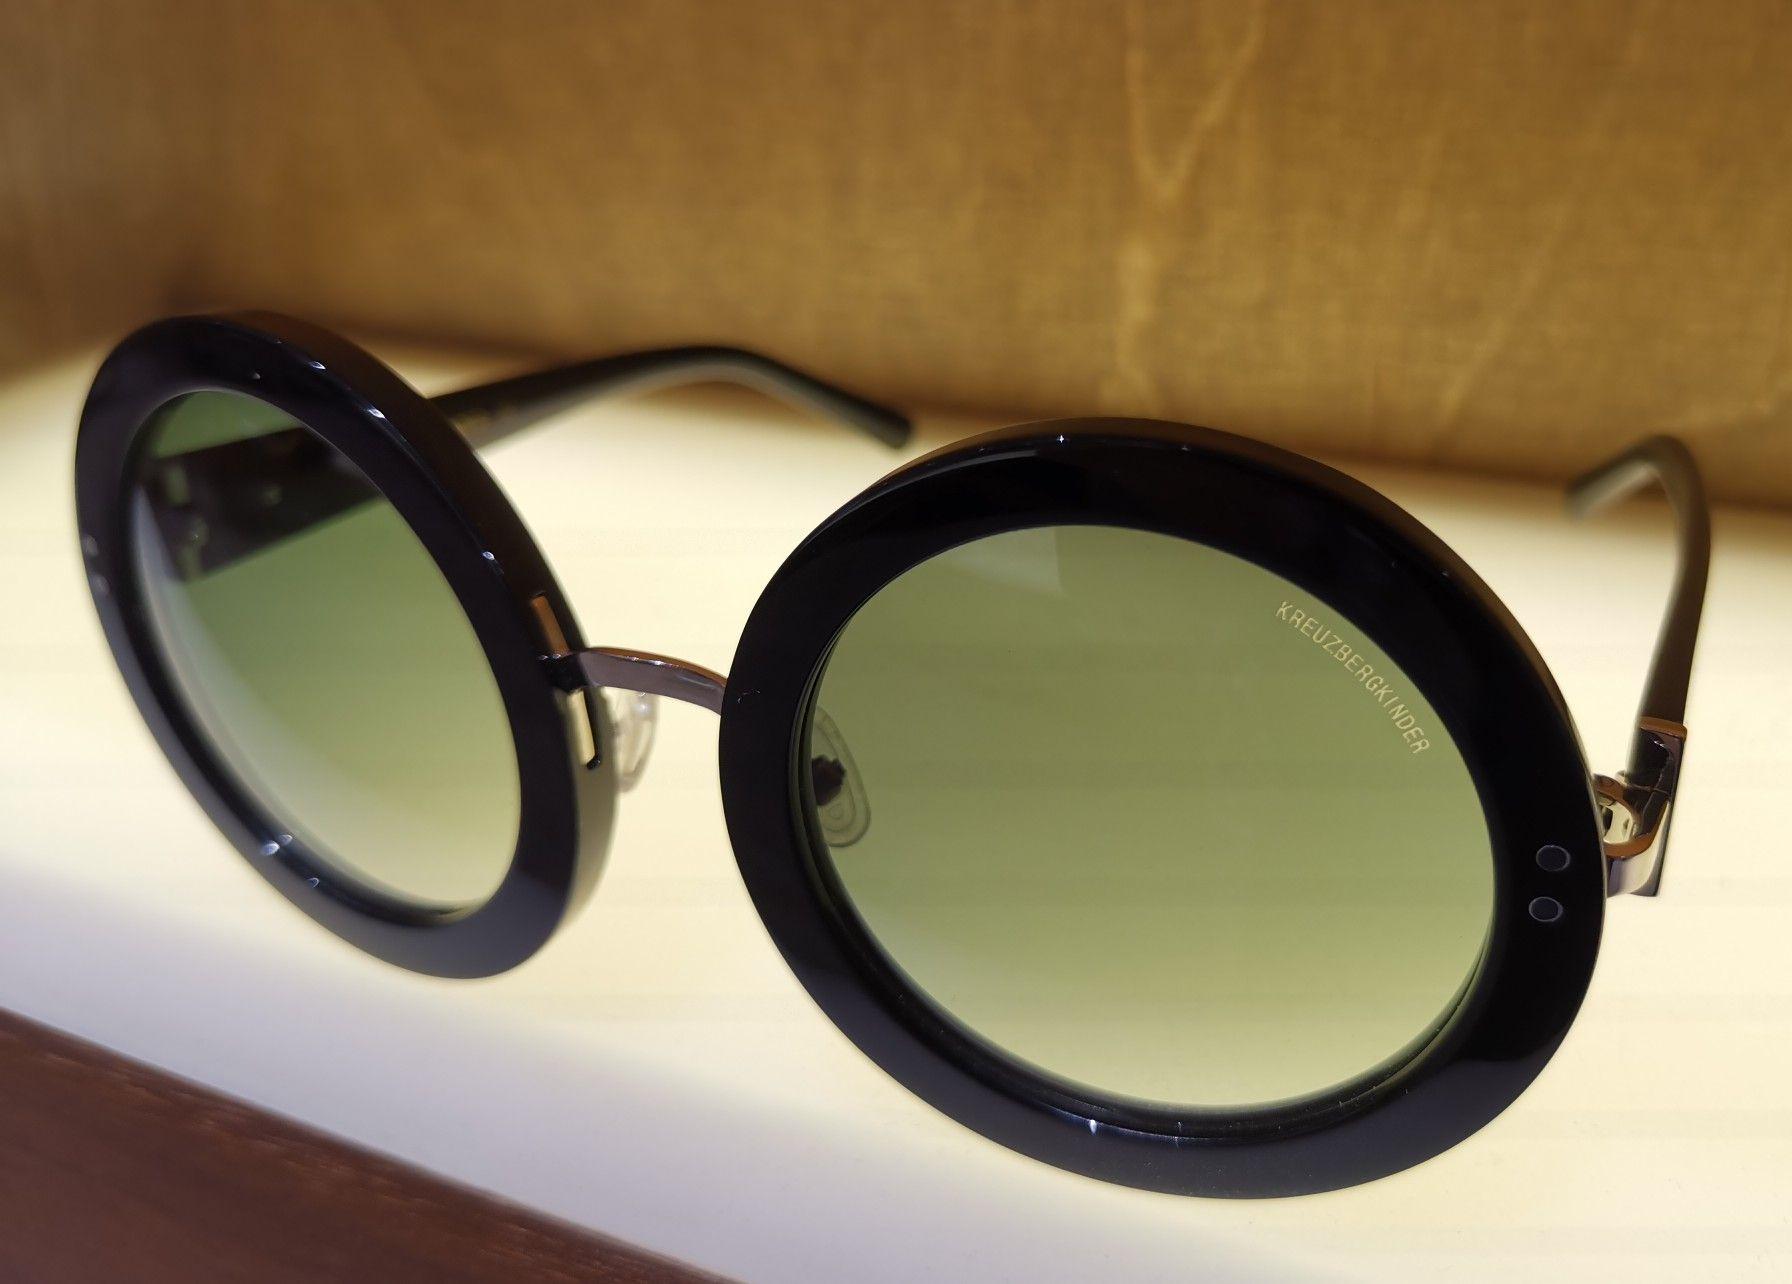 Napszemüvegek akár - 50% kedvezménnyel